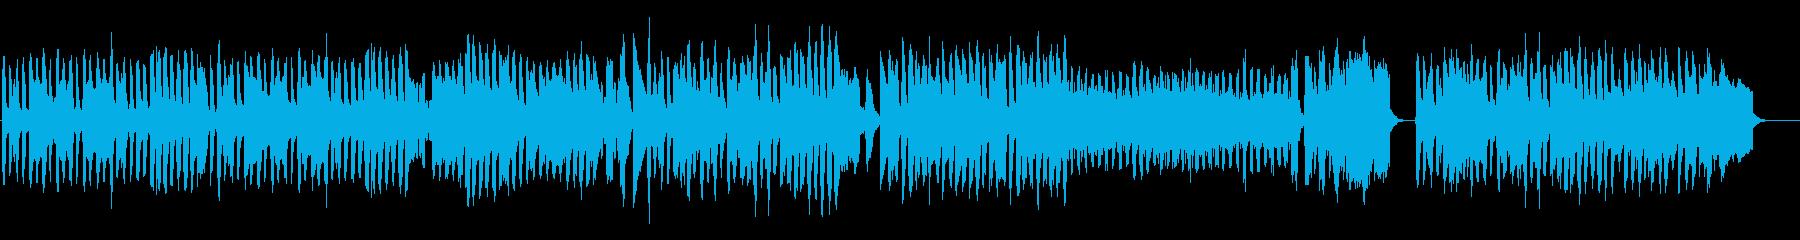 牧歌的なアコーディオンとピアノの舞曲の再生済みの波形